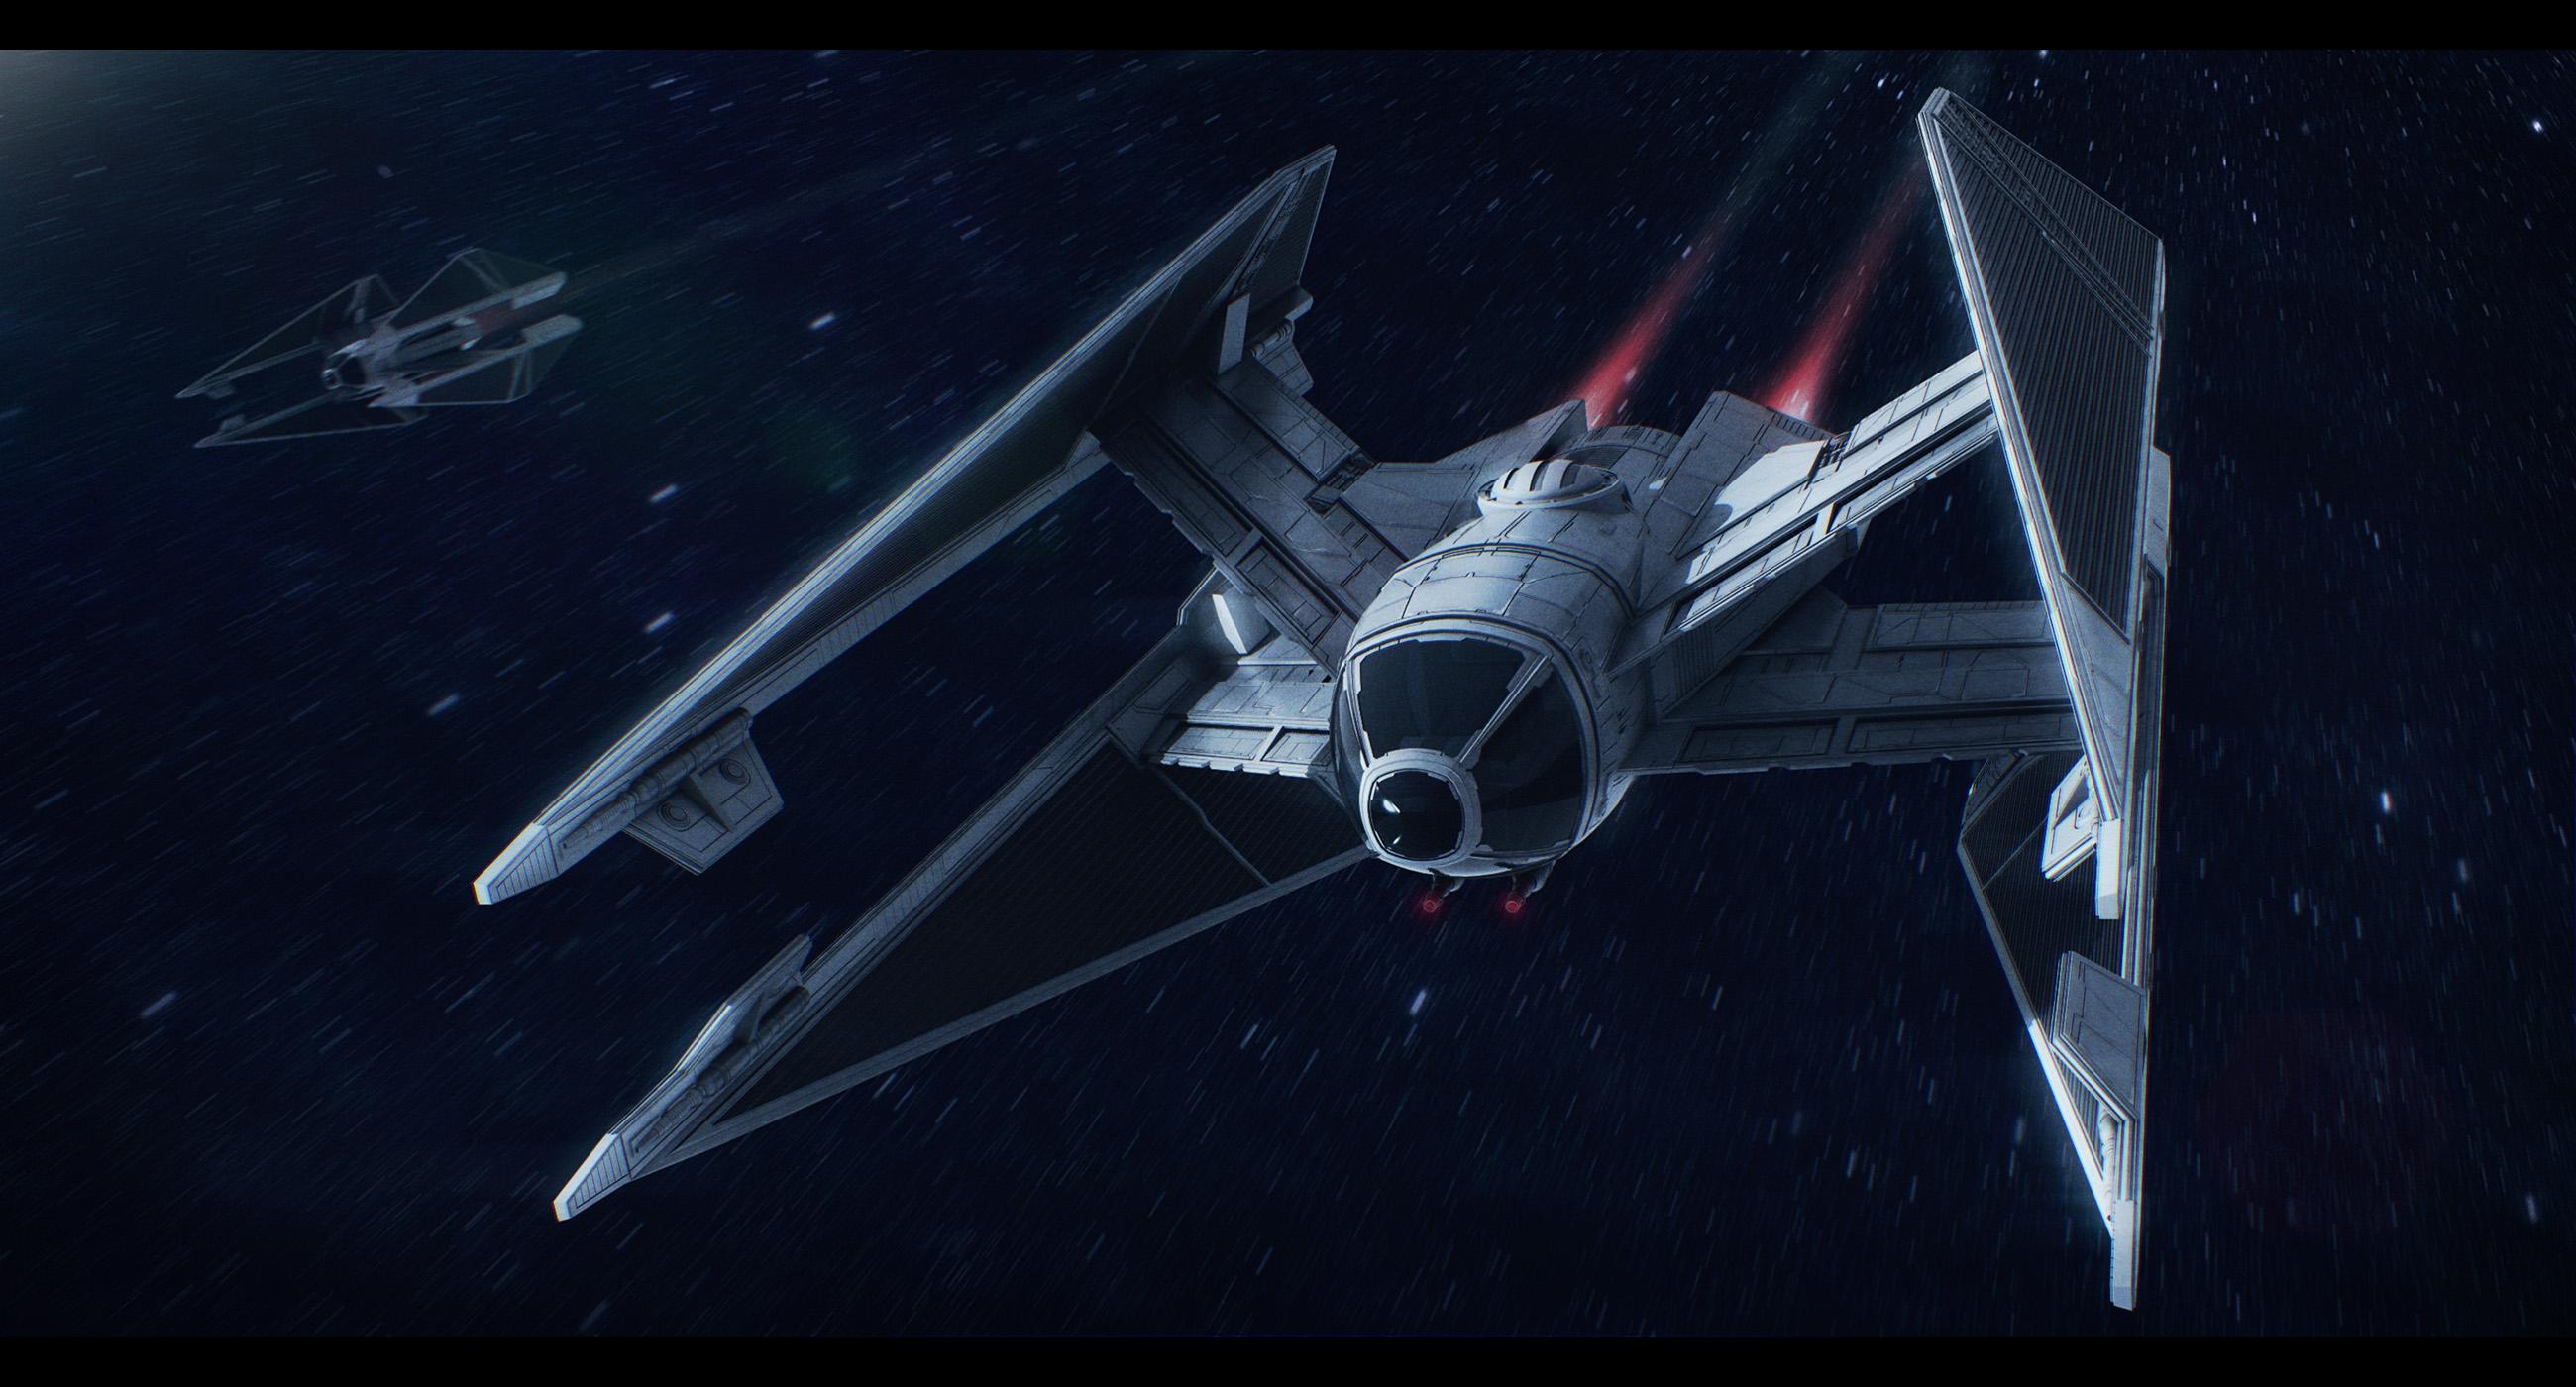 Star Wars Sienar Fleet Systems Swift TIE